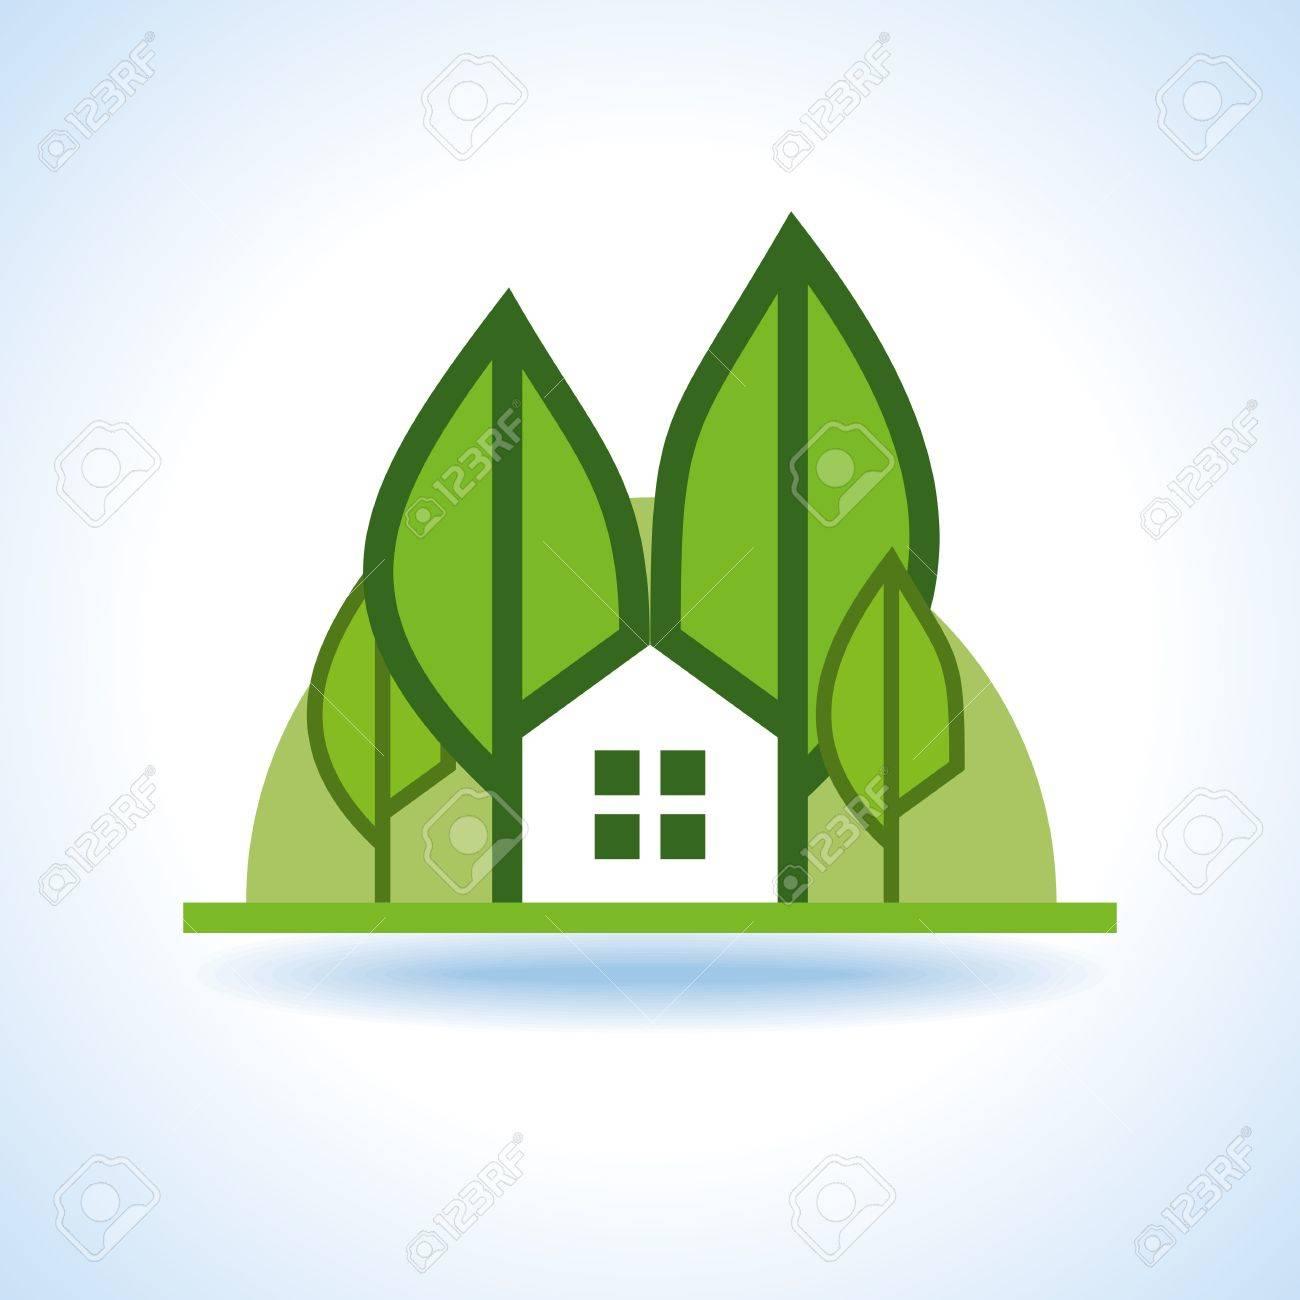 Bio green house icon Stock Vector - 18157276